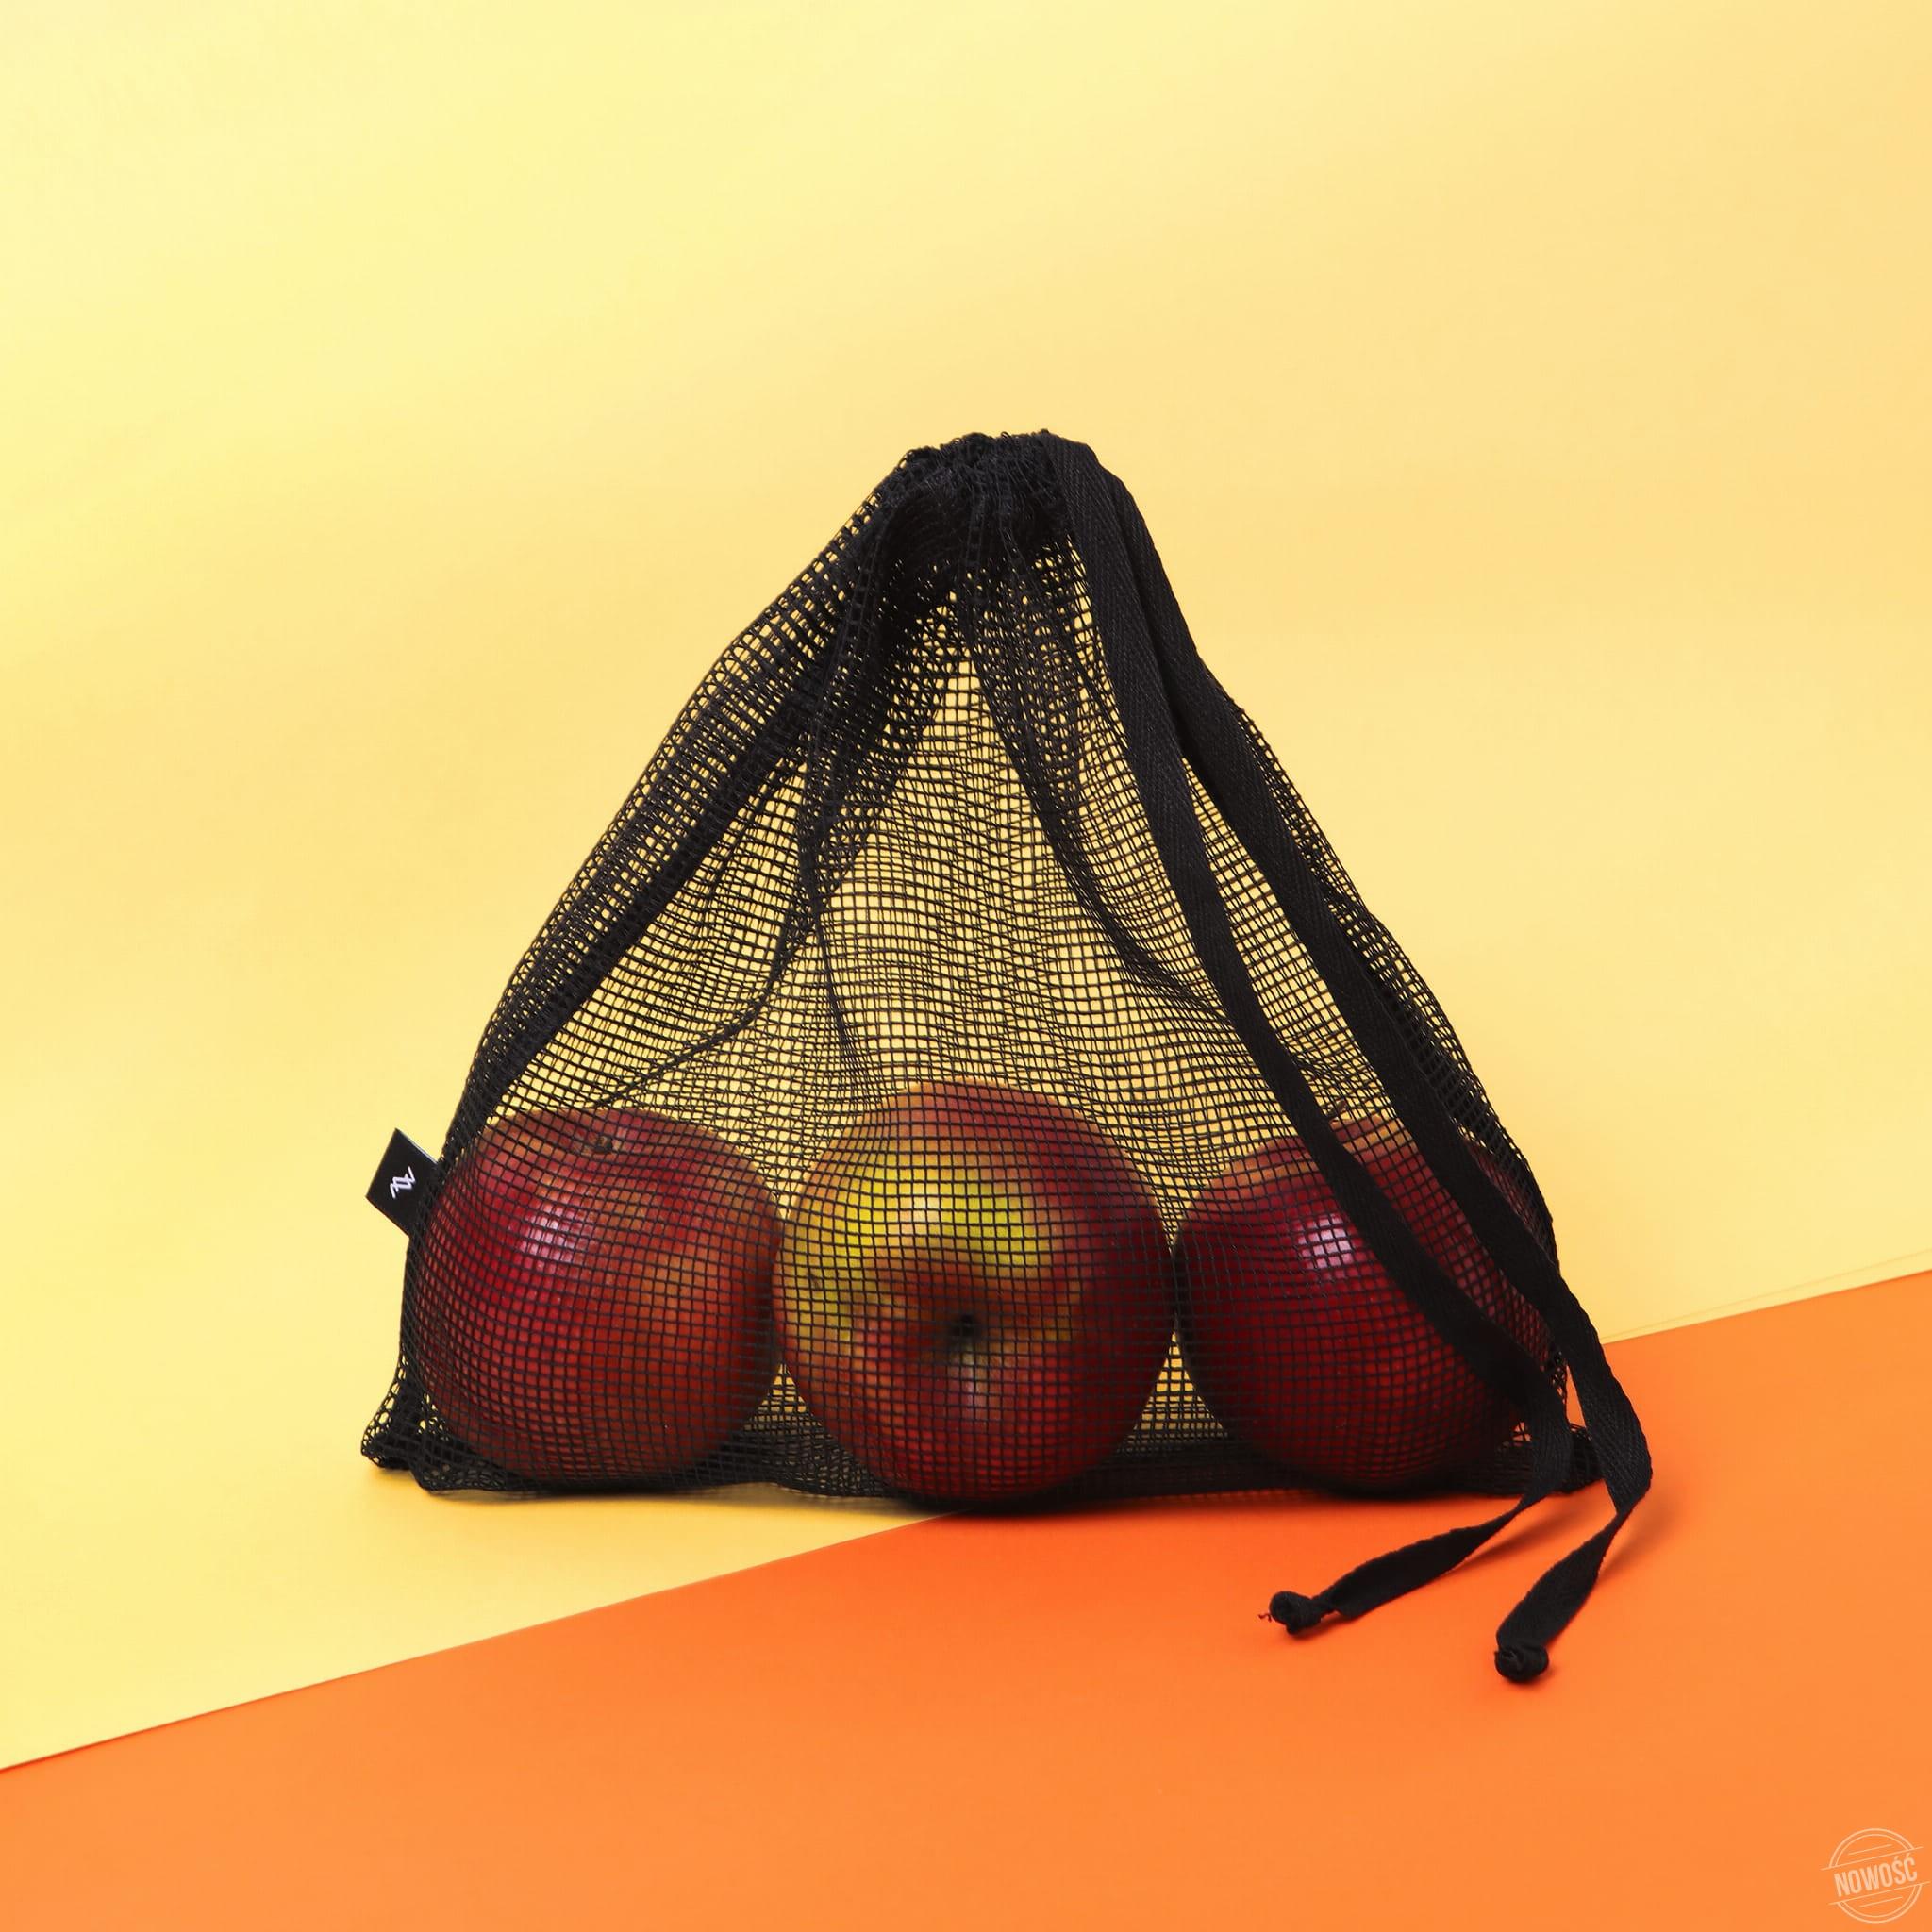 Worki EKA to doskonała alternatywa dla jednorazowych torebek foliowych. Wykonane z lekkiej i bardzo wytrzymałej siatki poliestrowej. Można w nie spakować warzywa, owoce, orzechy, cukierki :), co tylko chcecie. Doskonale nadają się również do przechowywania żywności. kolor: czarny skład: 100% poliester Zestaw składa się z dwóch worków o wymiarach: wymiary w cm EKA M EKA L szerokość 20 30 wysokość 25 25 pielęgnacja pranie w pralce, maksymalnie w temperaturze 40º prasowanie maksymalnie w temperaturze 150º